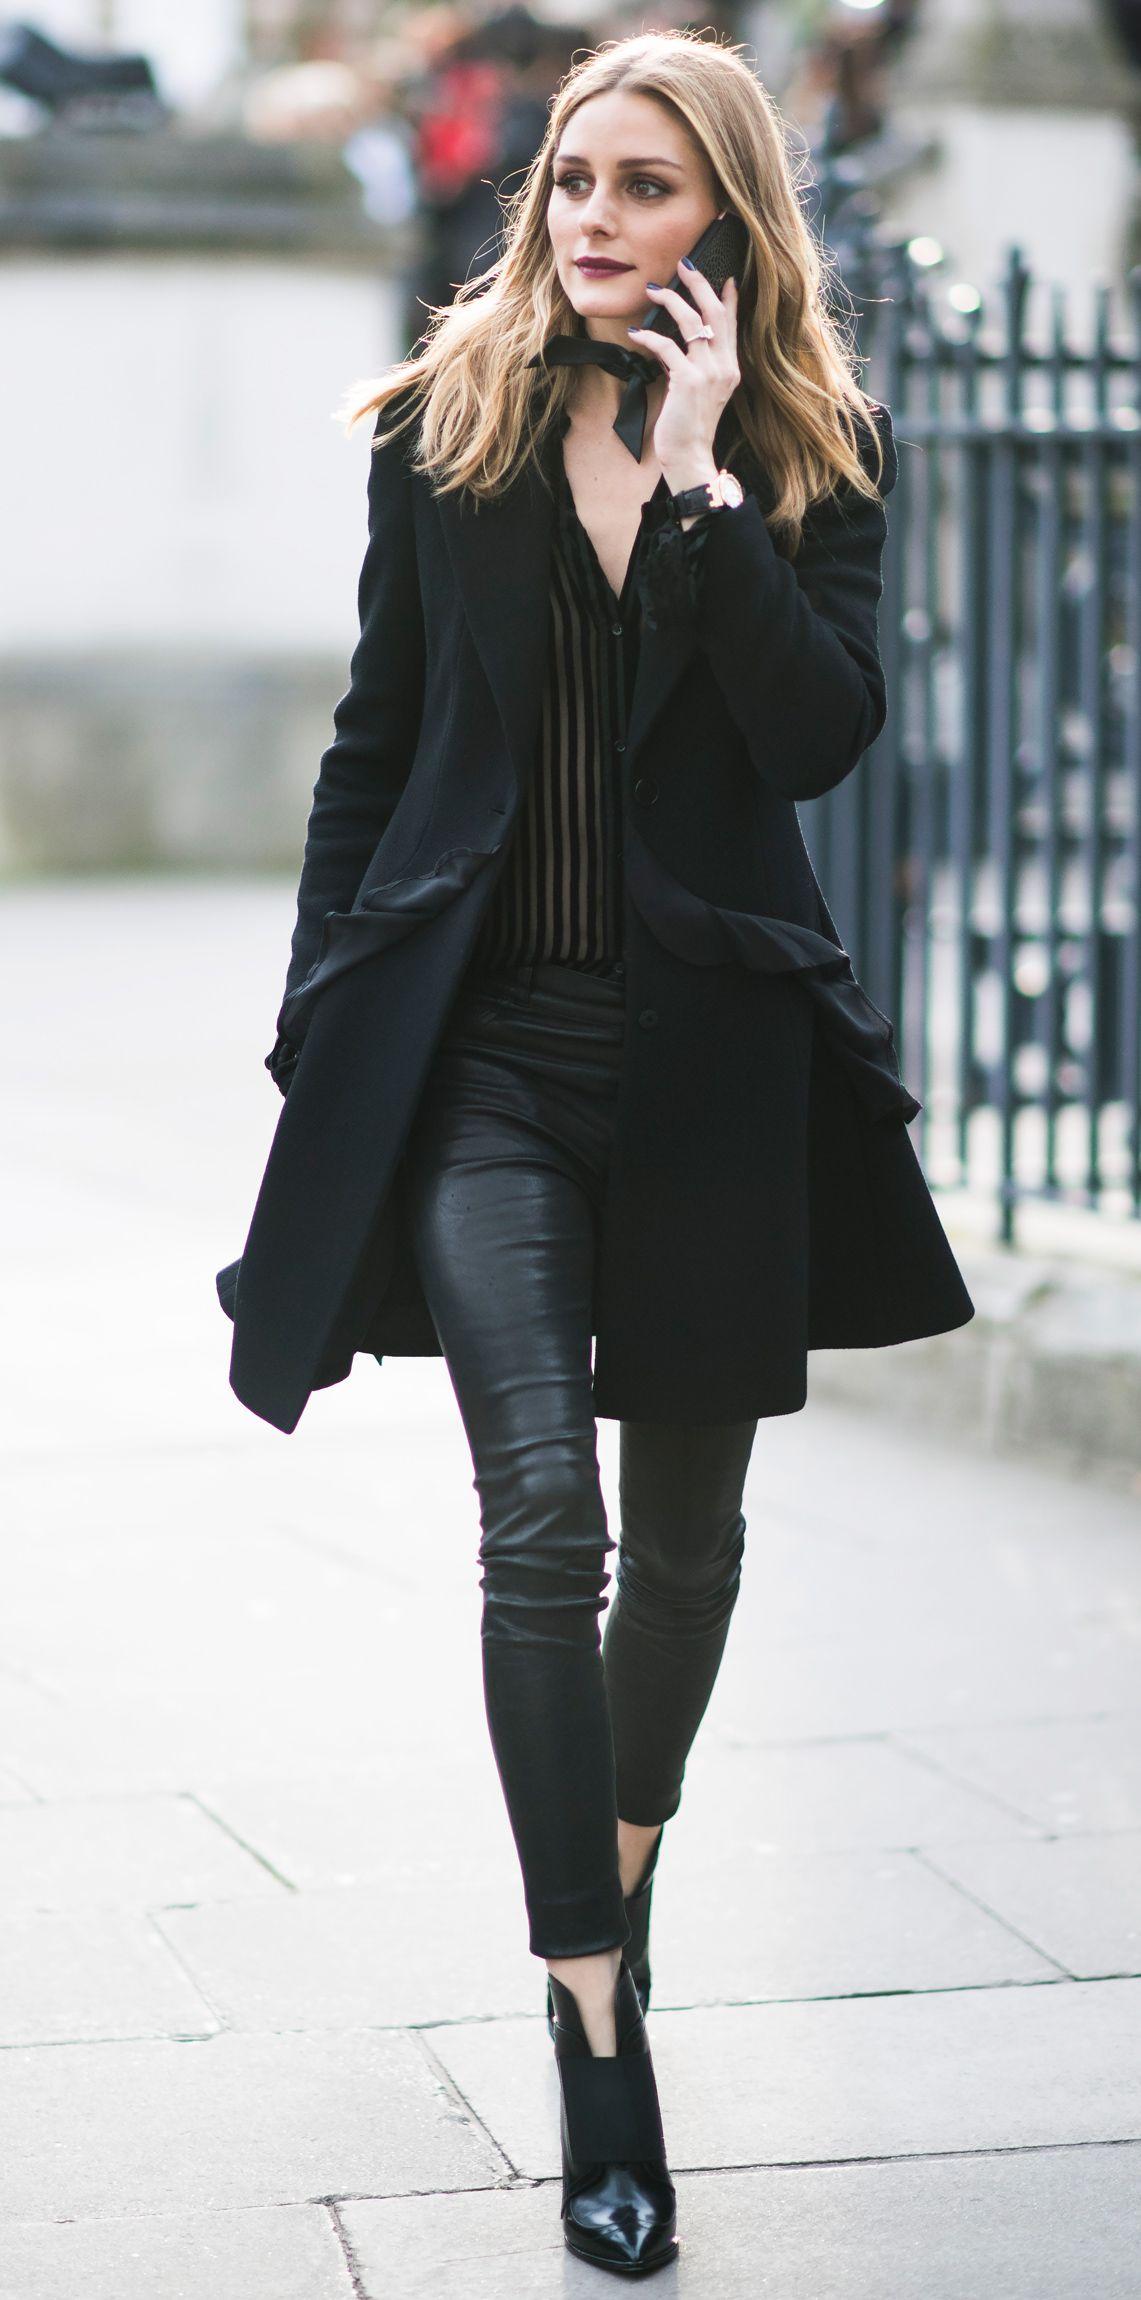 Olivia Palermo diện trang phục đen